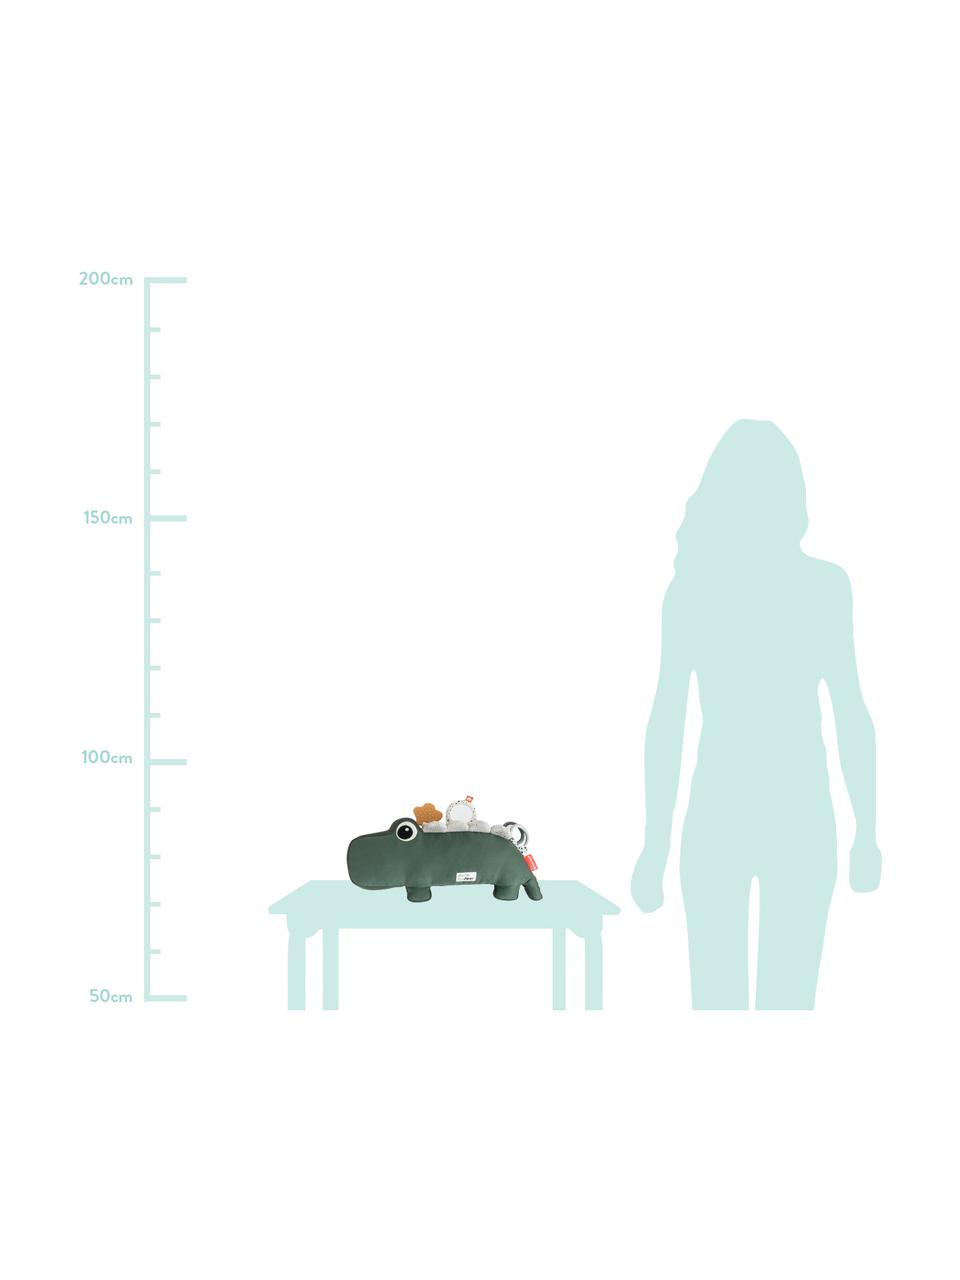 Spielzeug Tummy Time Croco, Bezug: 50% Baumwolle, 50% Polyes, Grün, 41 x 18 cm